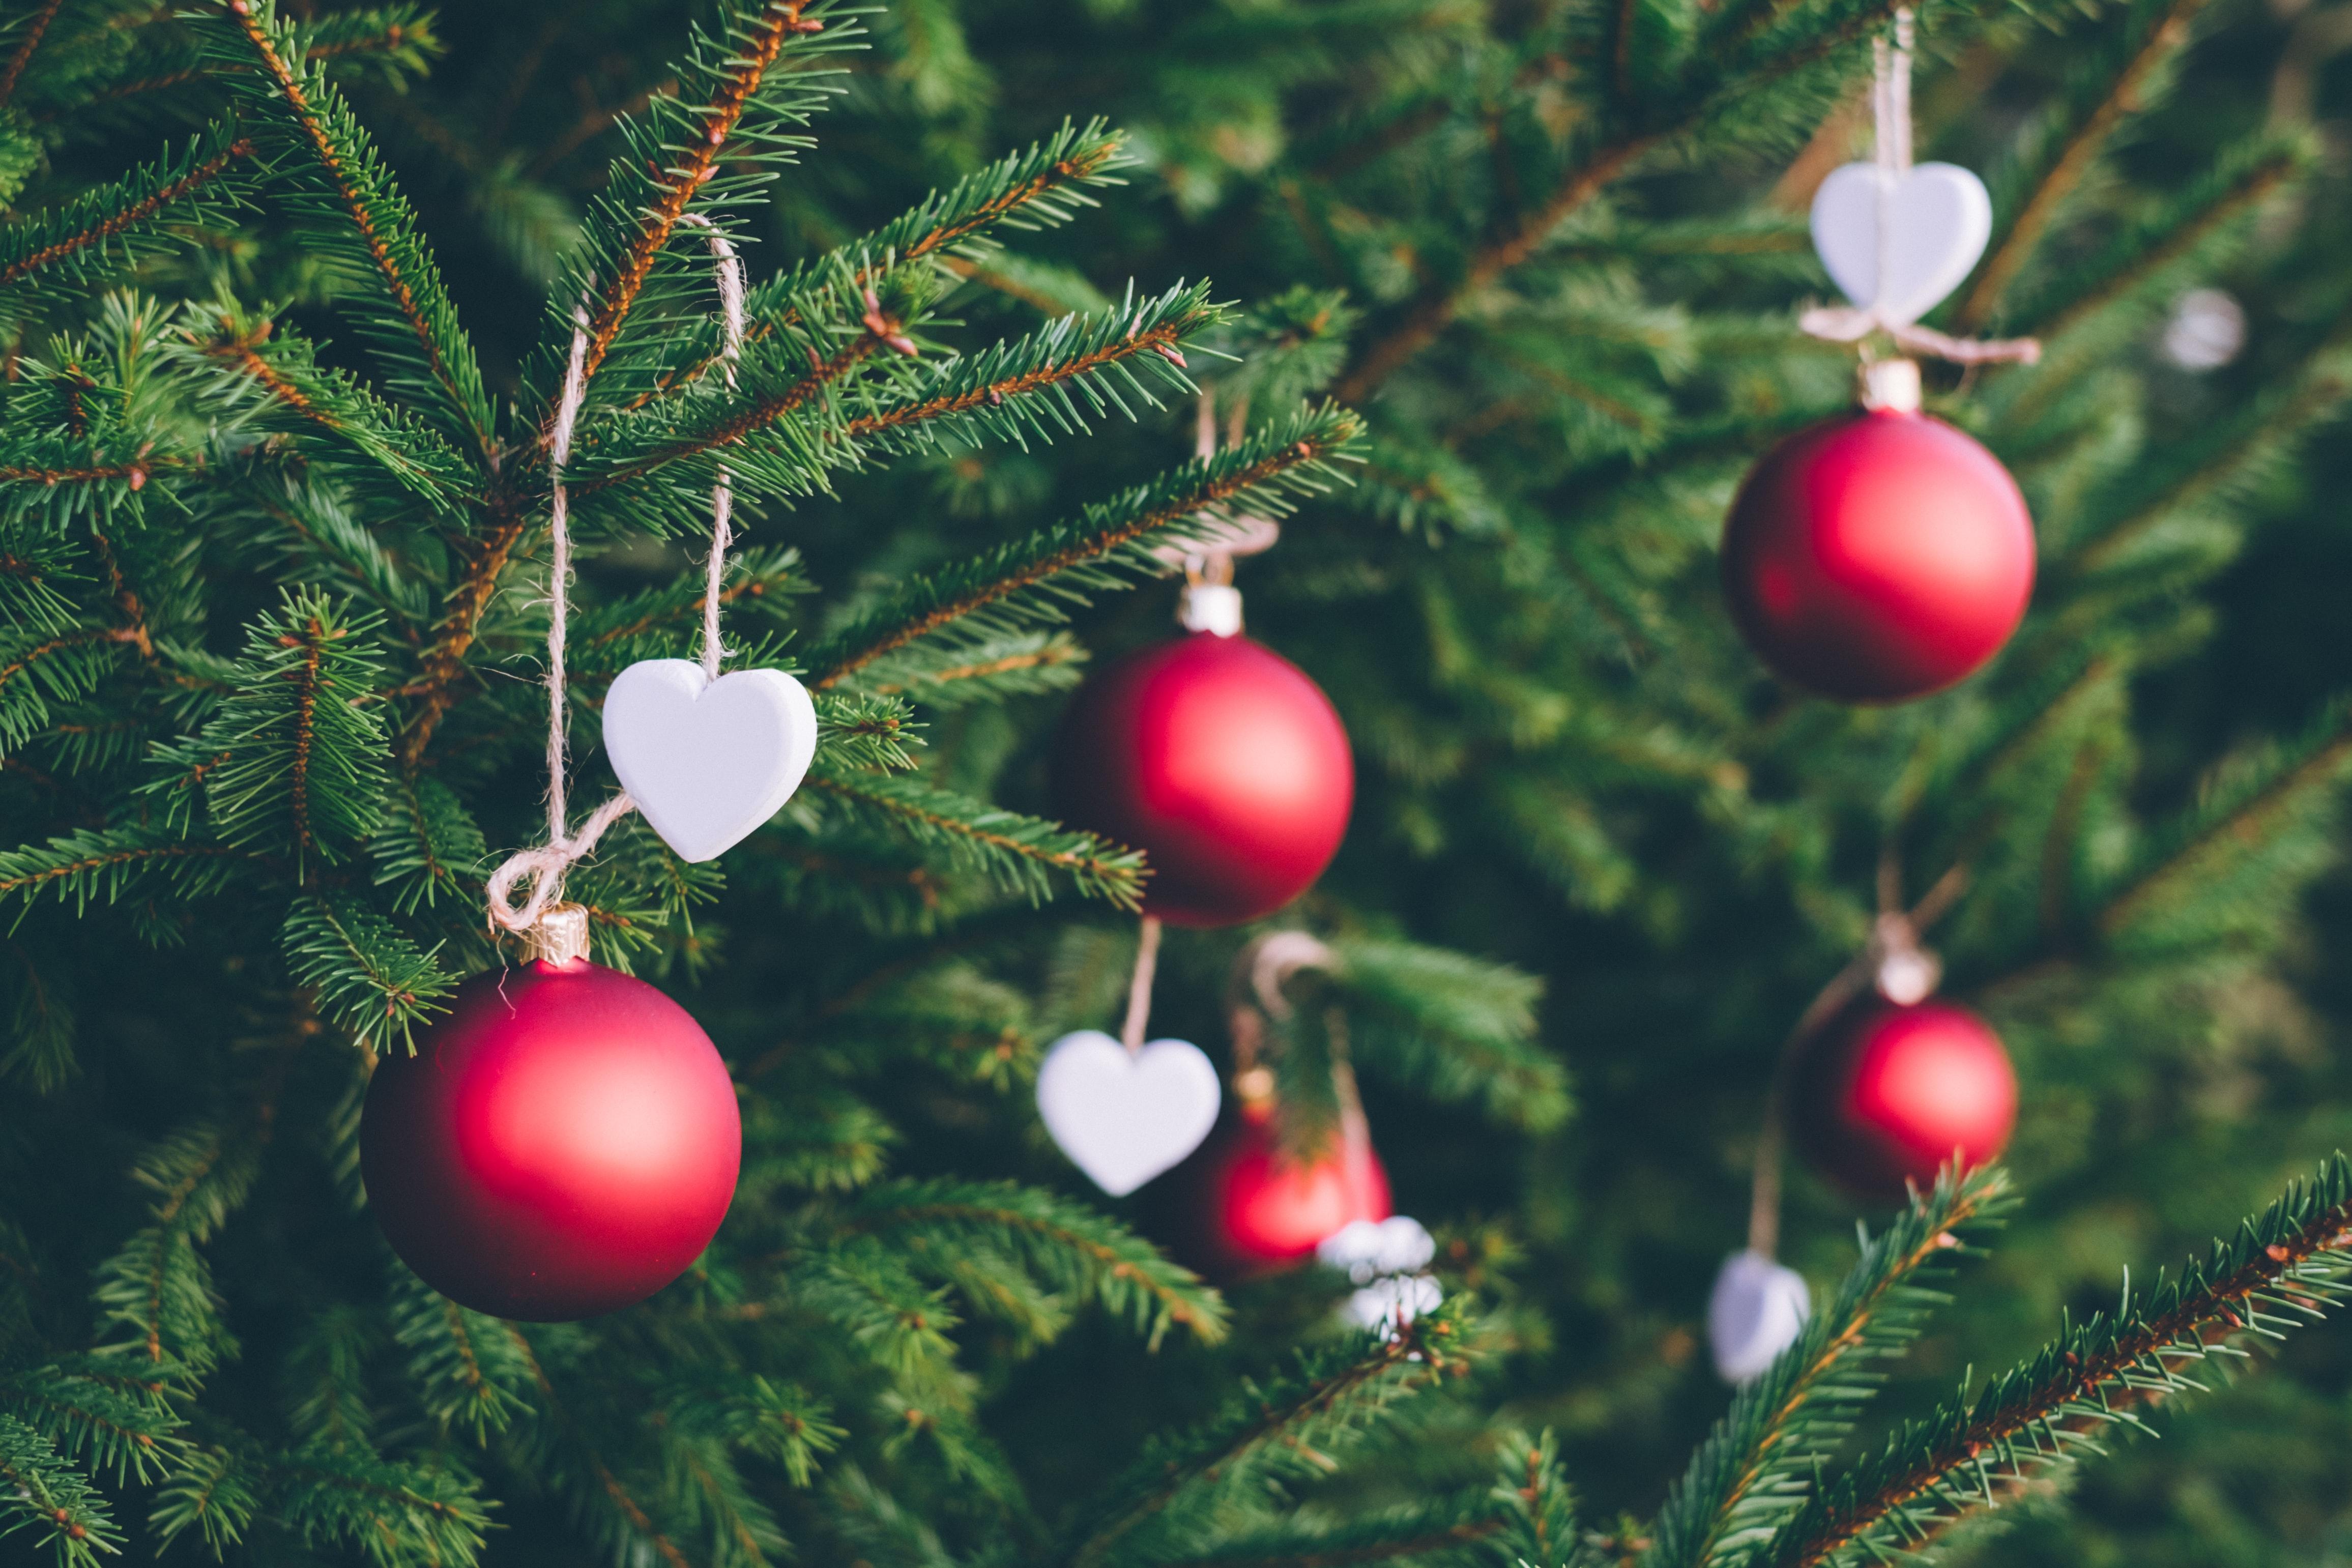 Christmas Decor Setup Day